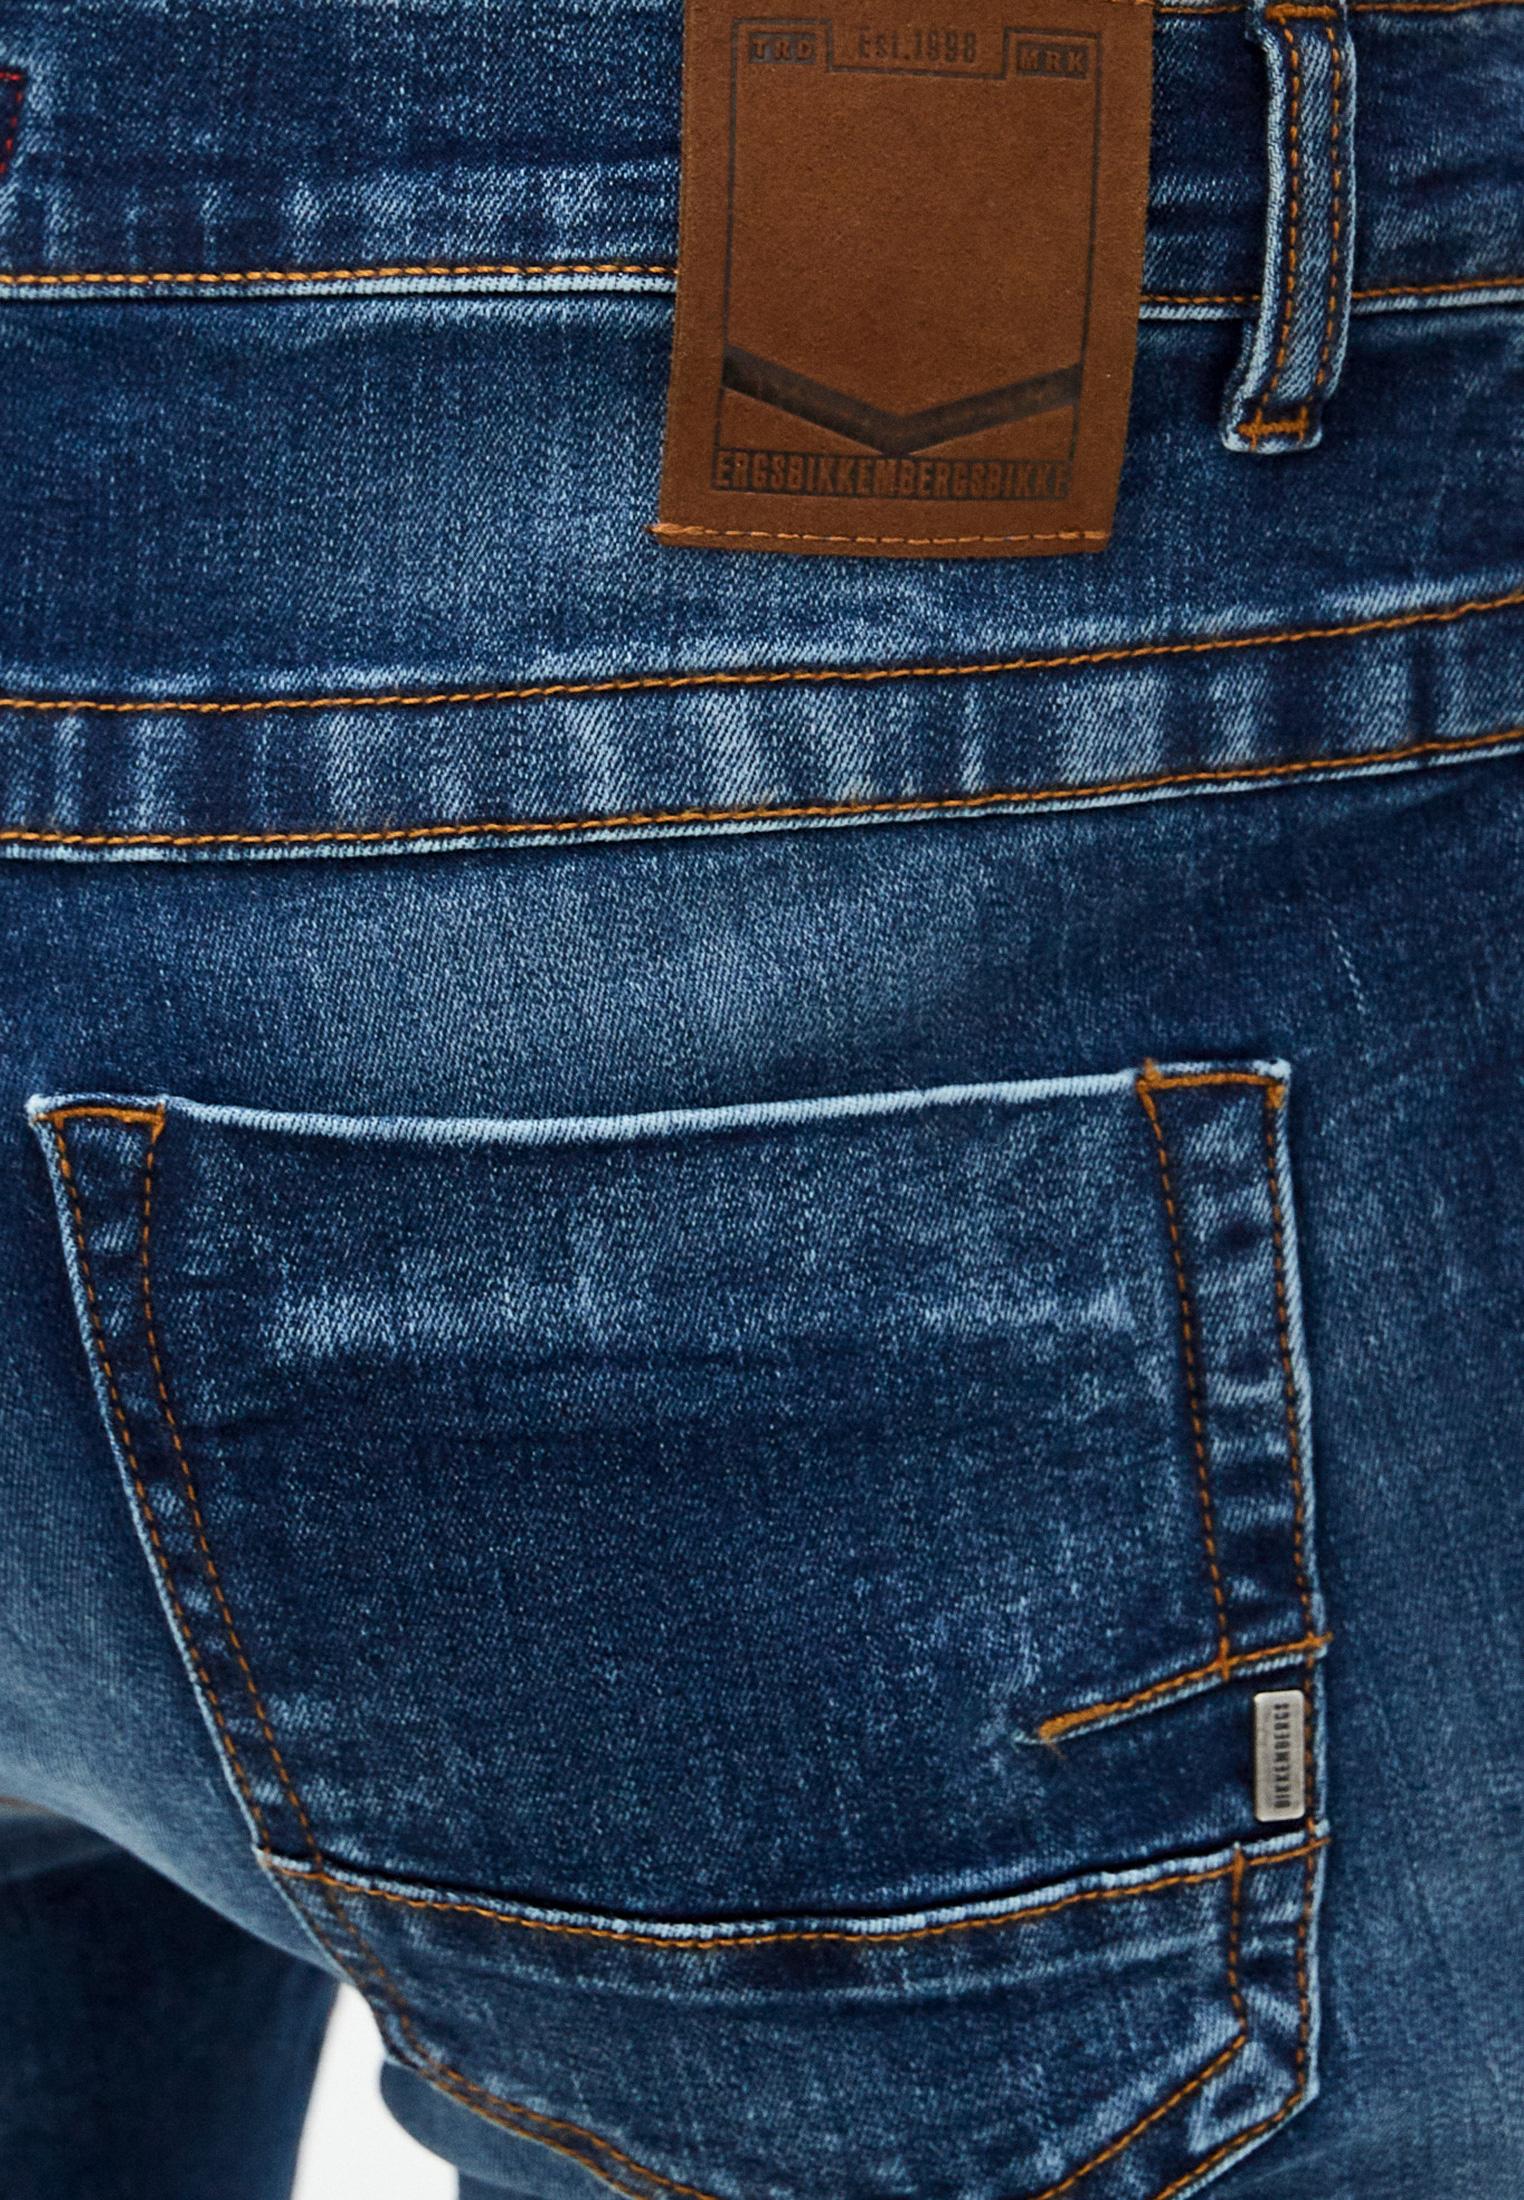 Мужские зауженные джинсы Bikkembergs (Биккембергс) C Q 101 00 S 3181: изображение 5